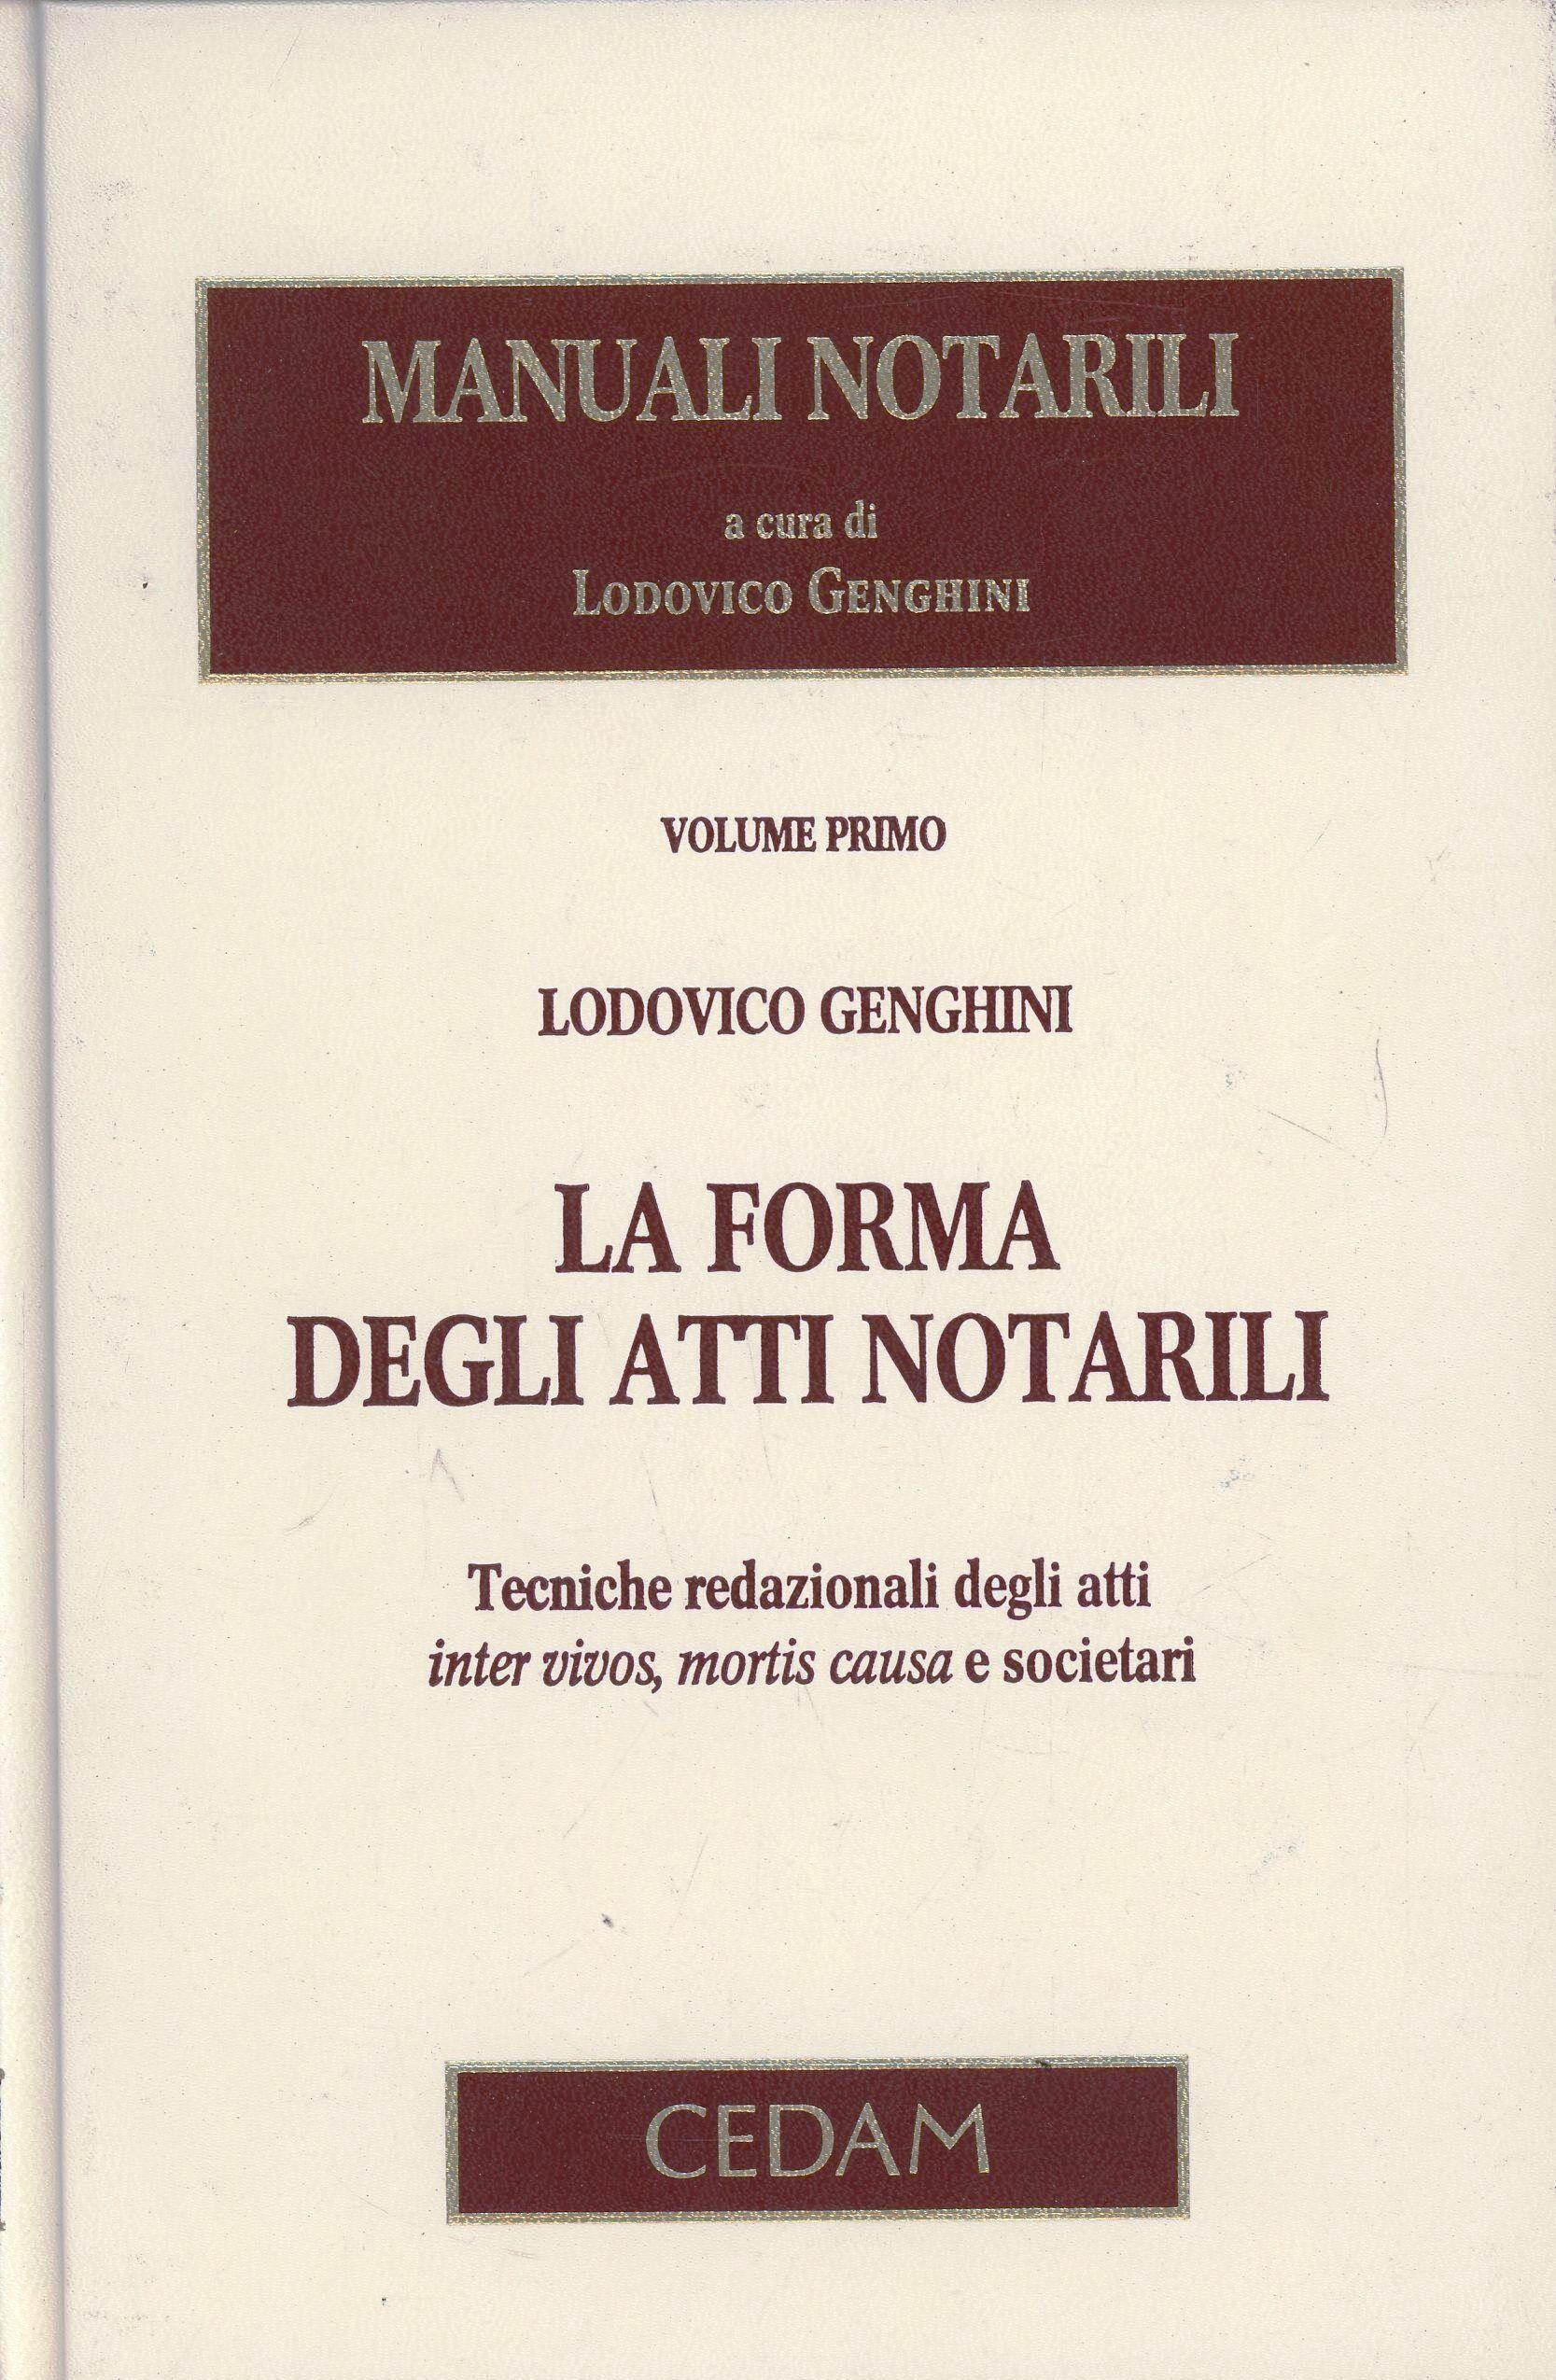 Manuali notarili. Vol. 1: La forma degli atti notarili. Tecniche redazionali degli atti inter vivos, mortis causa e societari.